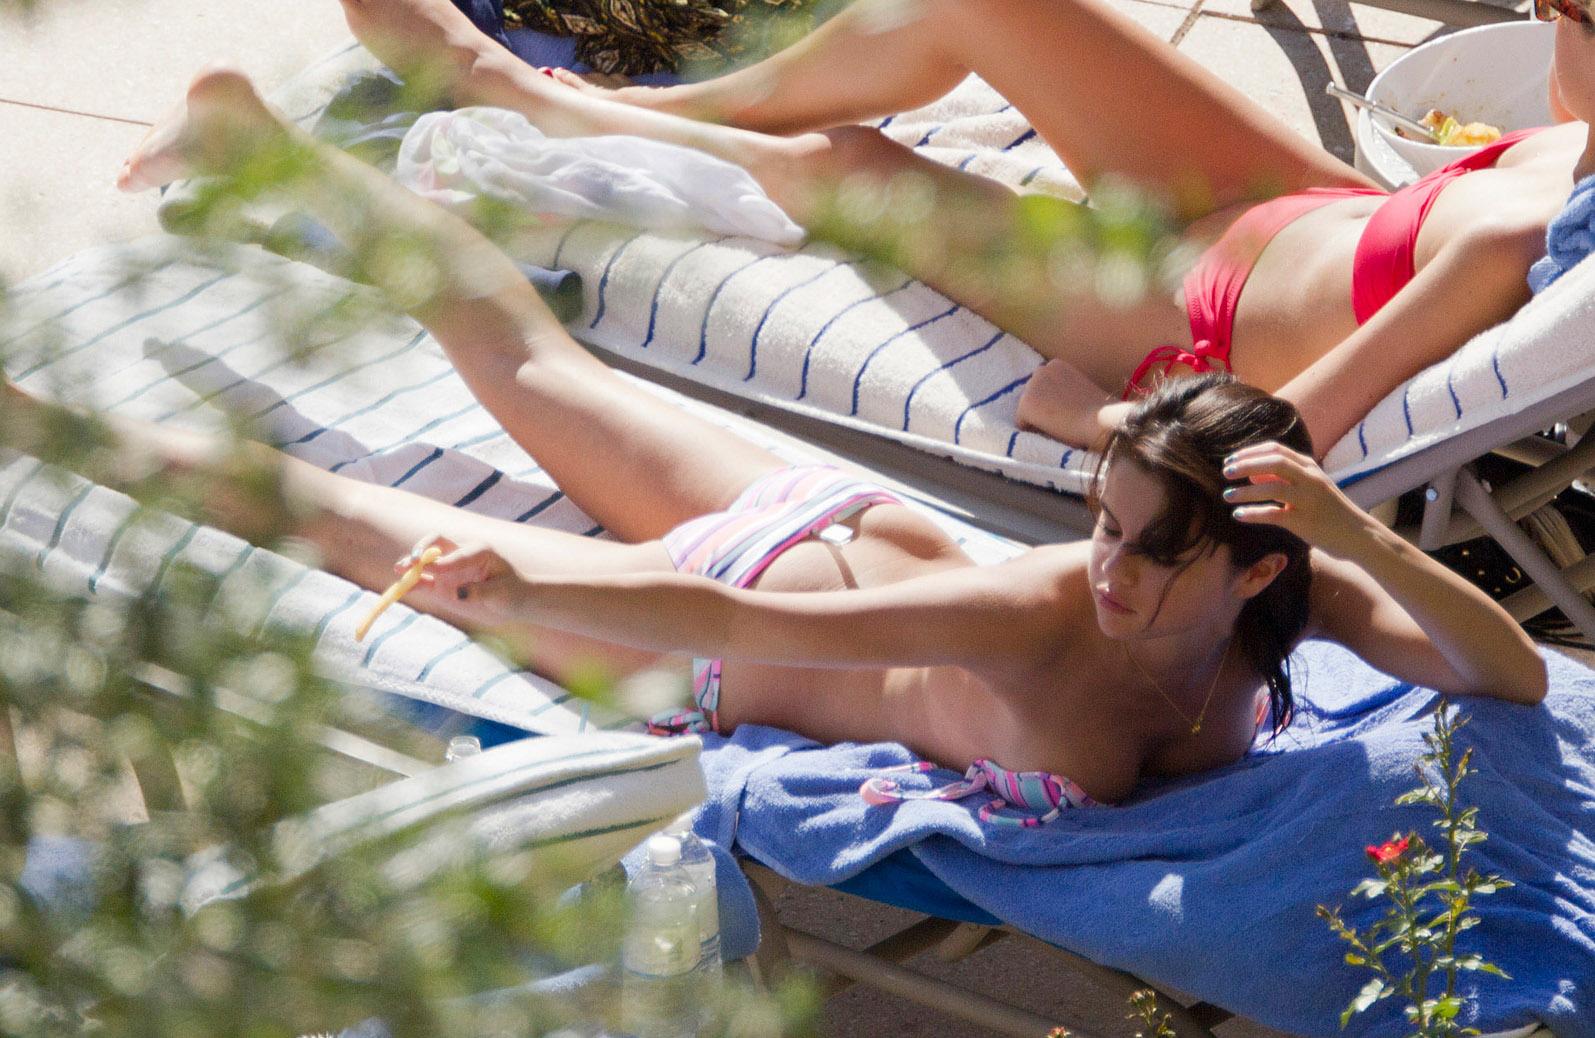 Фото голых русских нудисток, Голые русские нудисты и секс с нудистками эротика 23 фотография